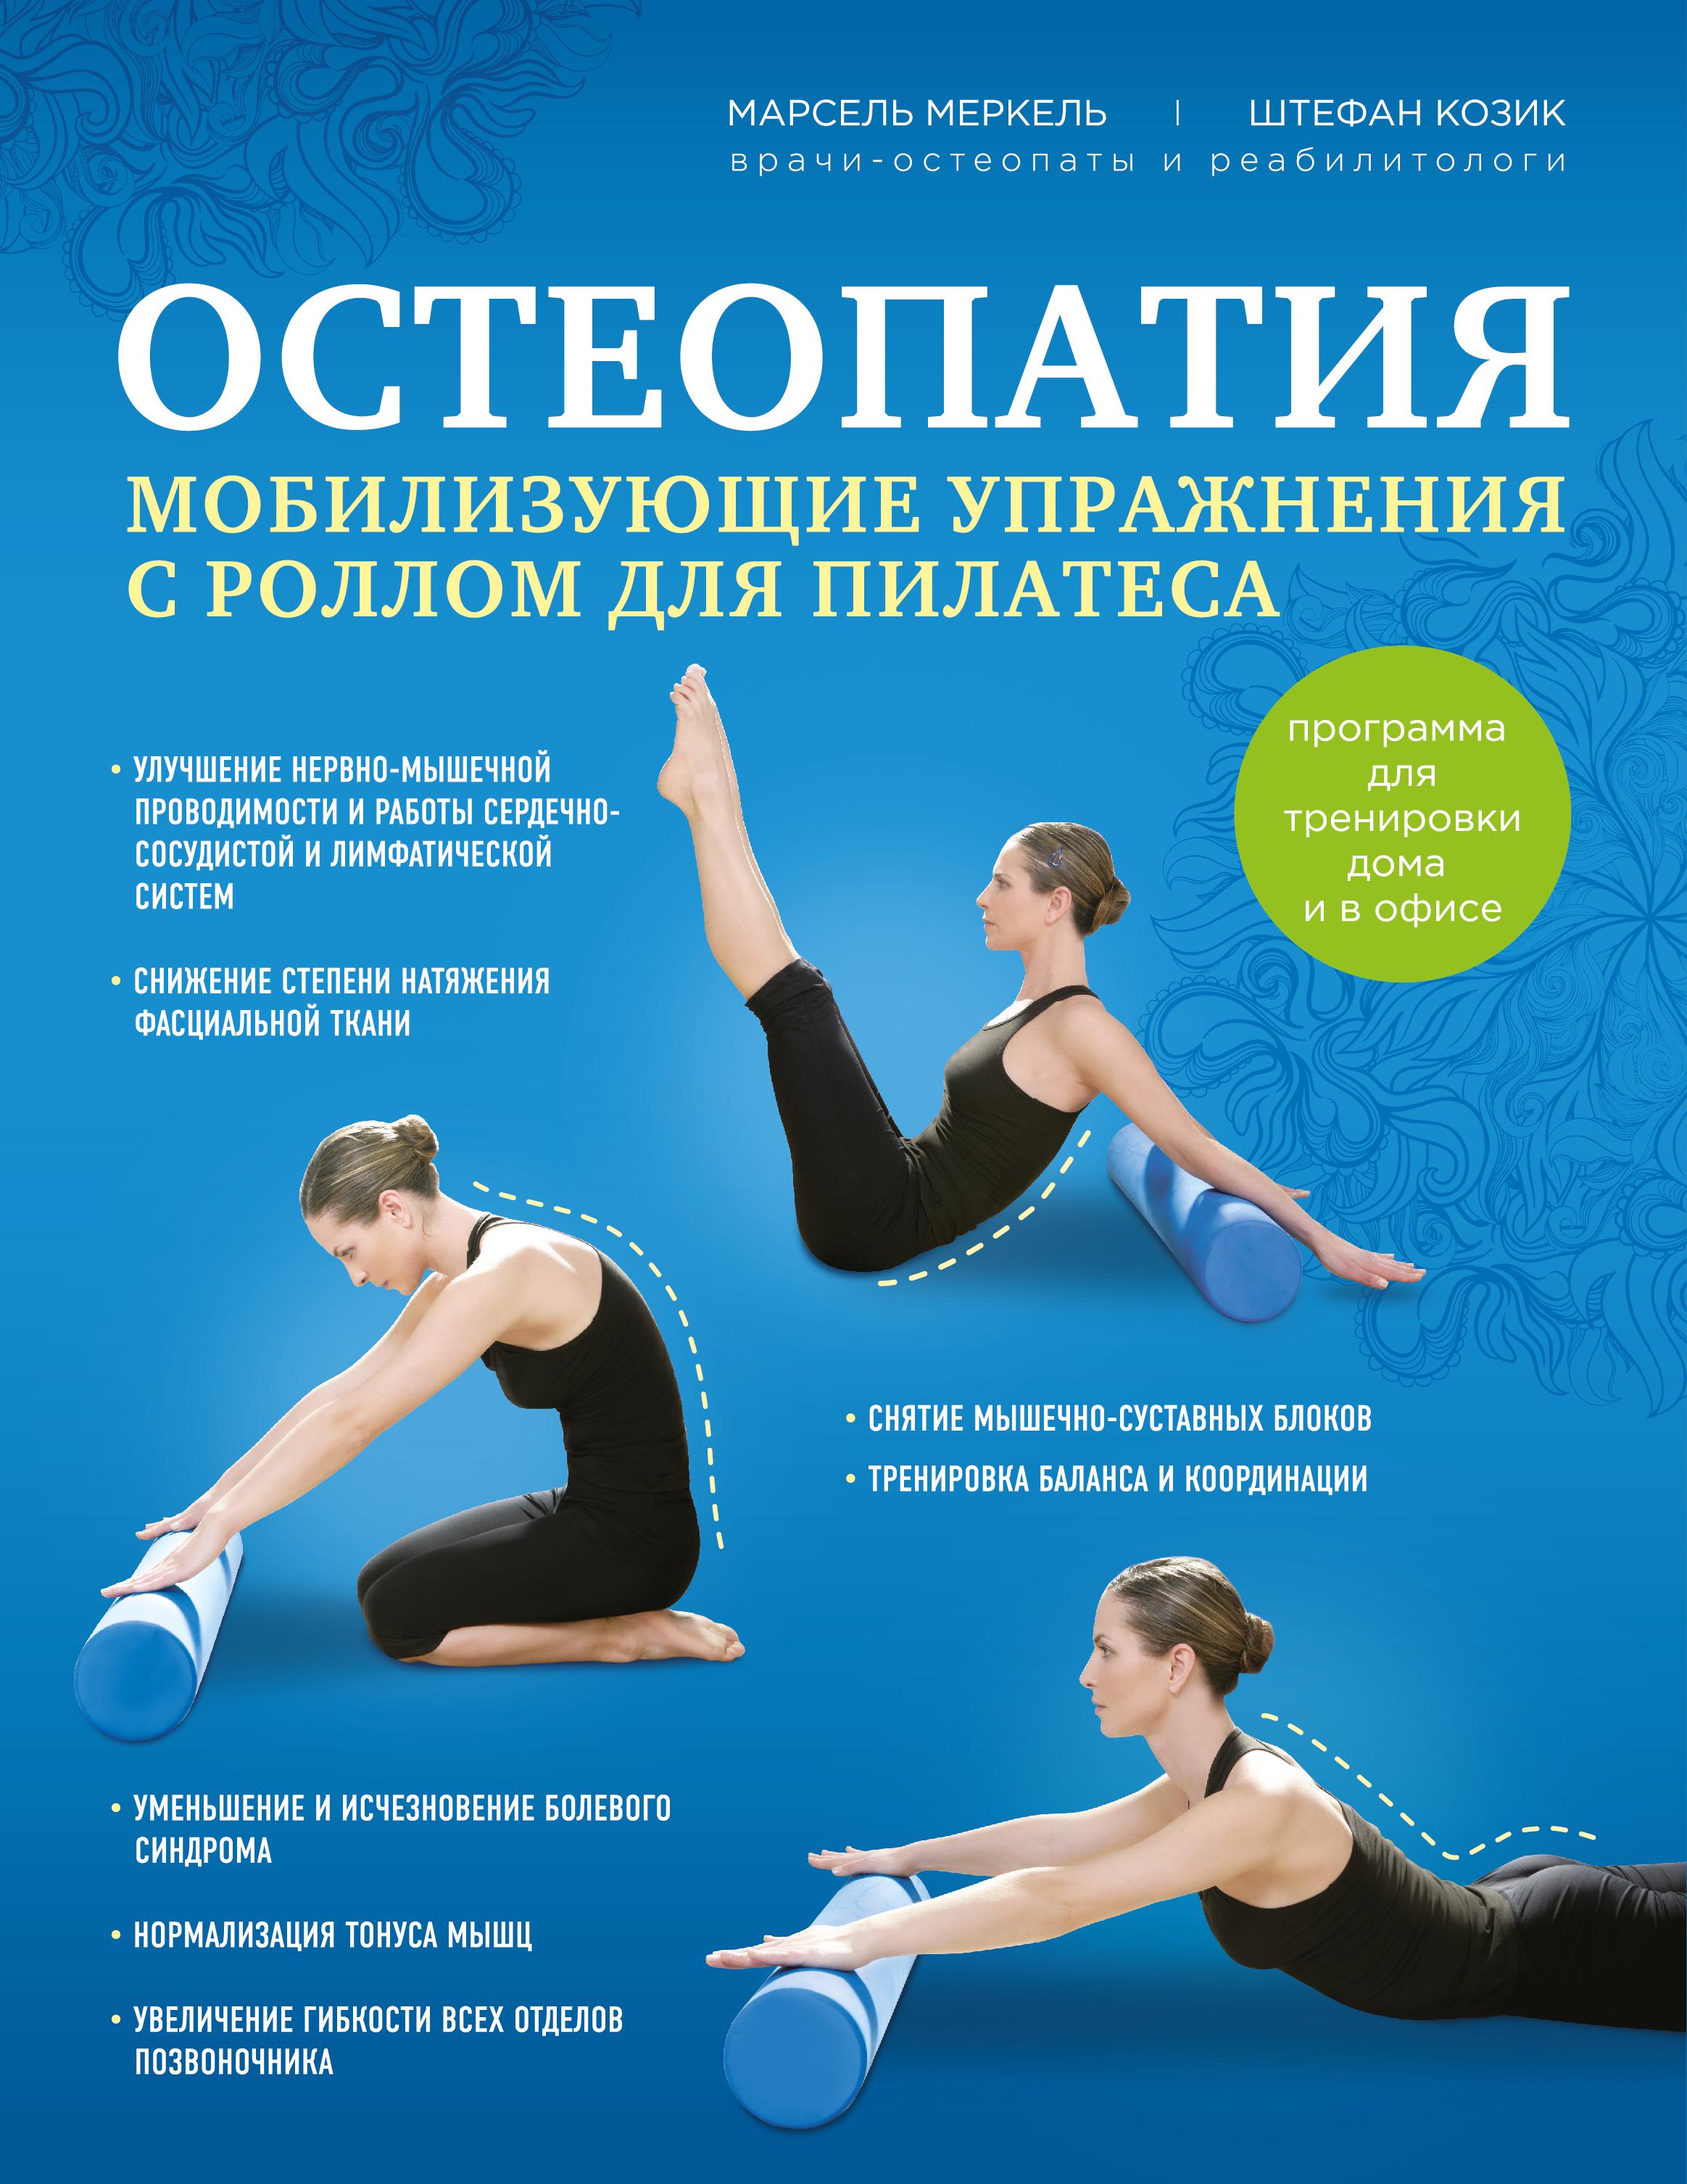 Меркель М., Козик Ш. Остеопатия. Мобилизующие упражнения с роллом для пилатеса валентин дикуль упражнения для позвоночника для тех кто в пути